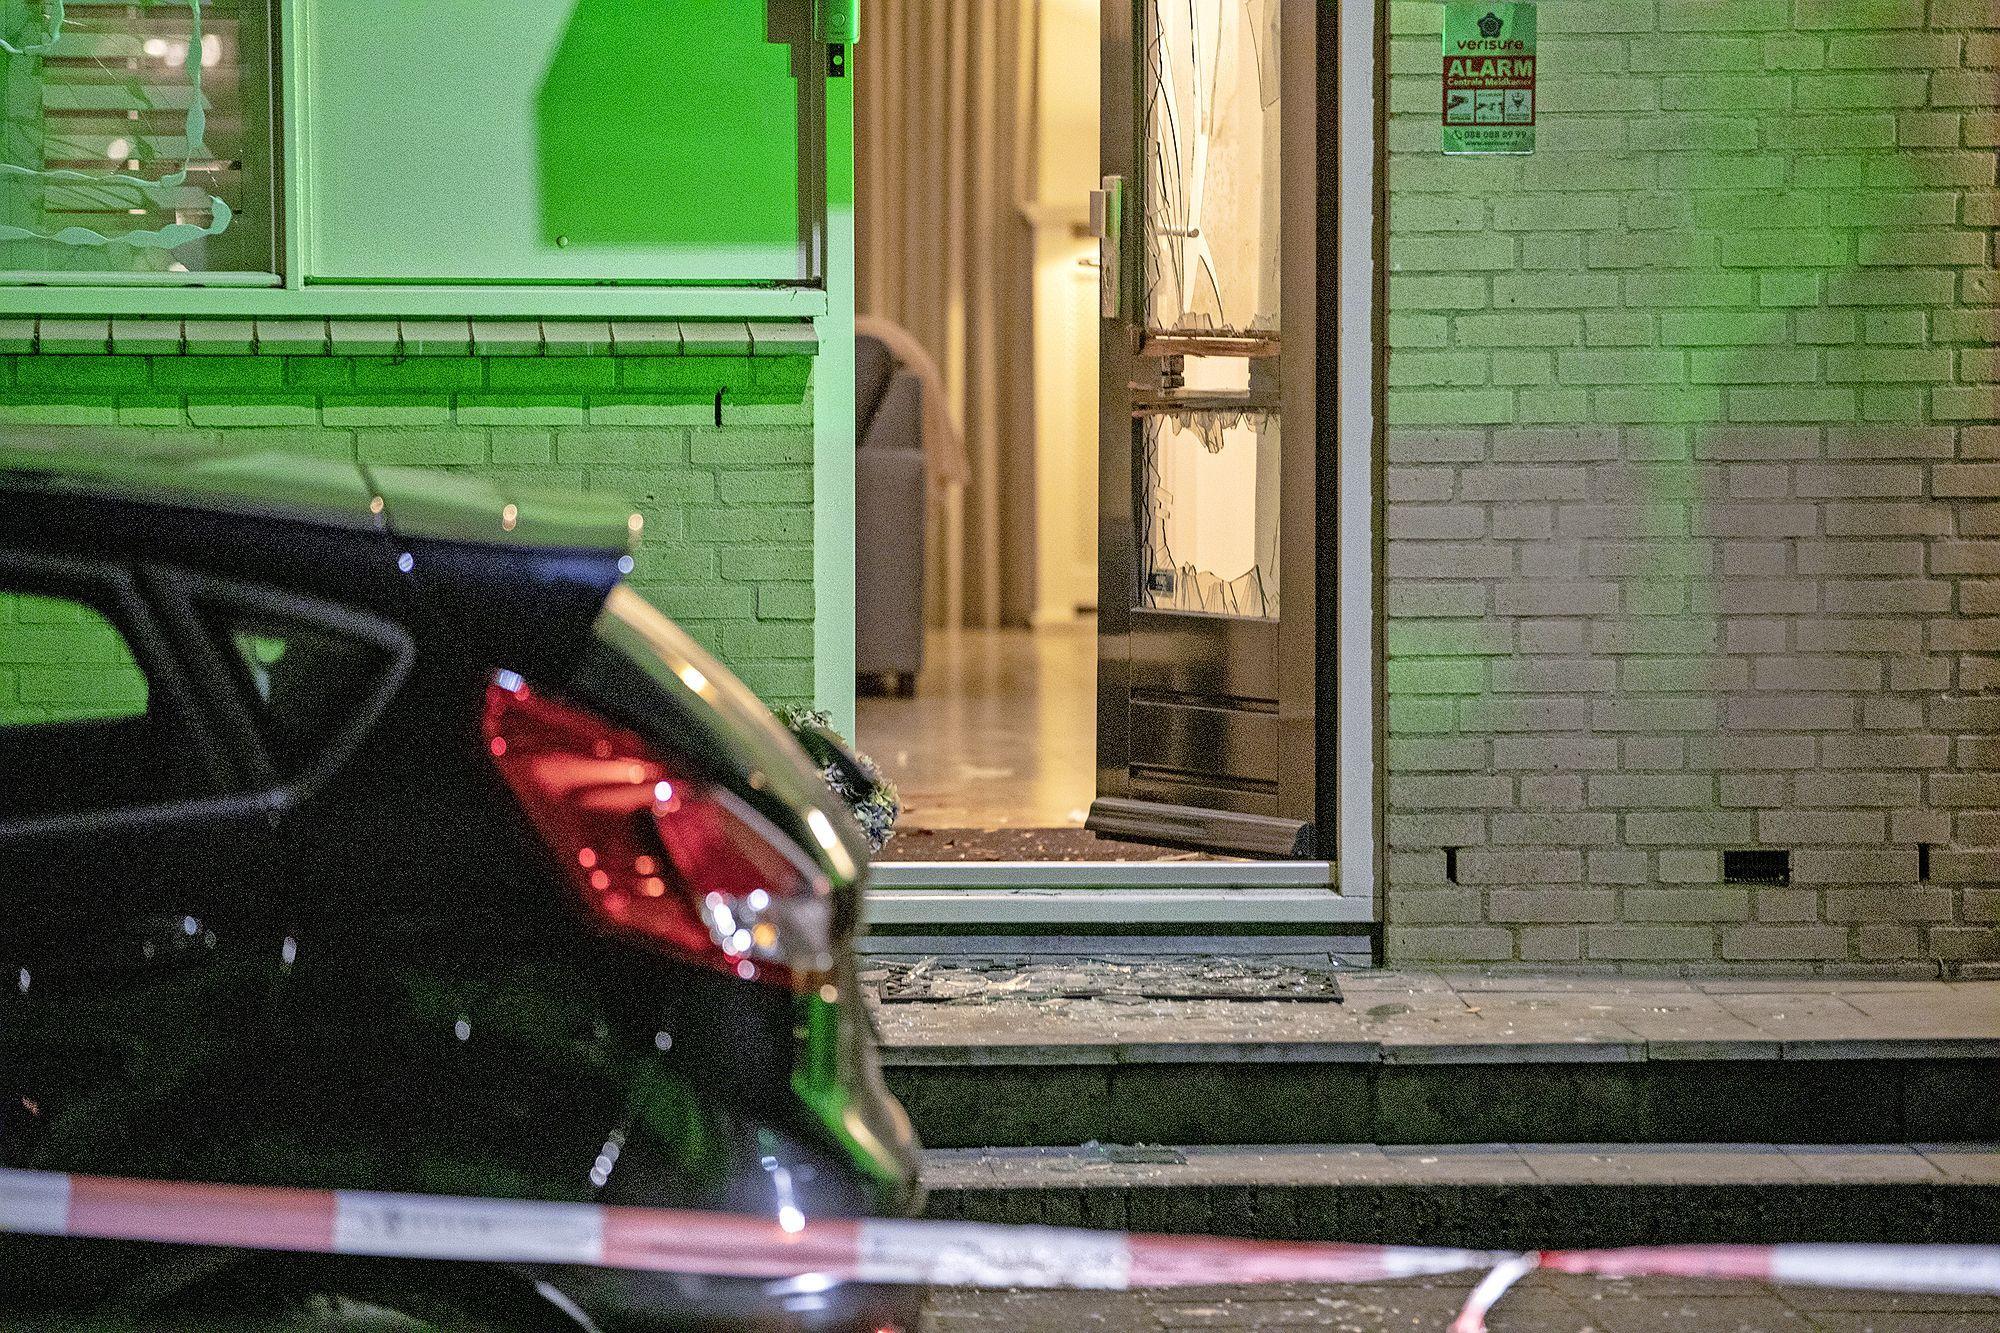 Fragmentatiebommen in de achtertuin, explosief in de brievenbus en stenen door de ramen; hoofddader (18) van terreur in de Zuiderpolder krijgt jeugd-tbs en jeugddetentie